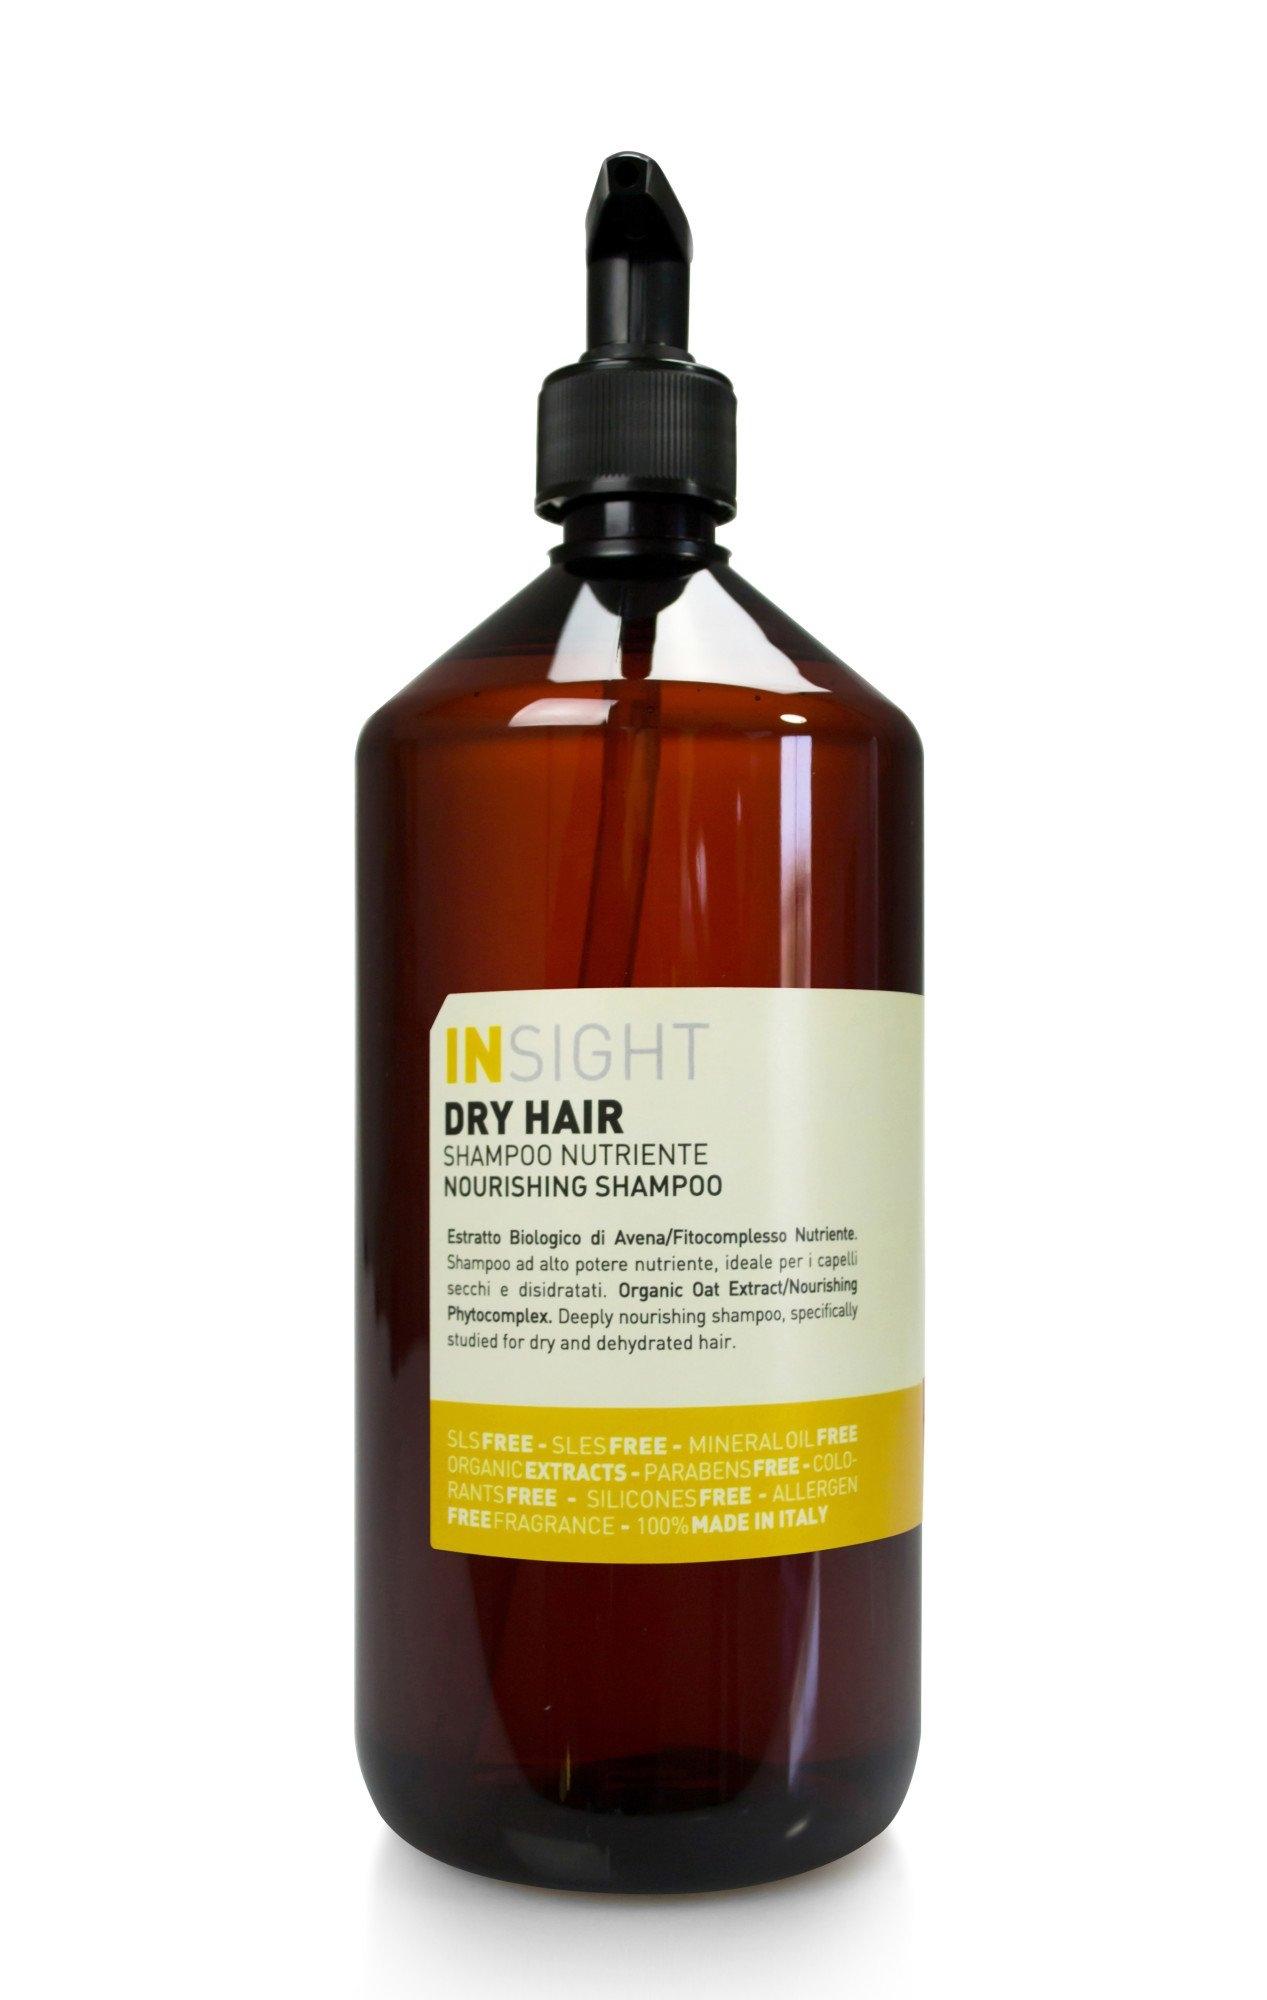 Insight Dry Hair Nourishing Shampoo - Nourishing shampoo for dry hair c4b12f6916bf